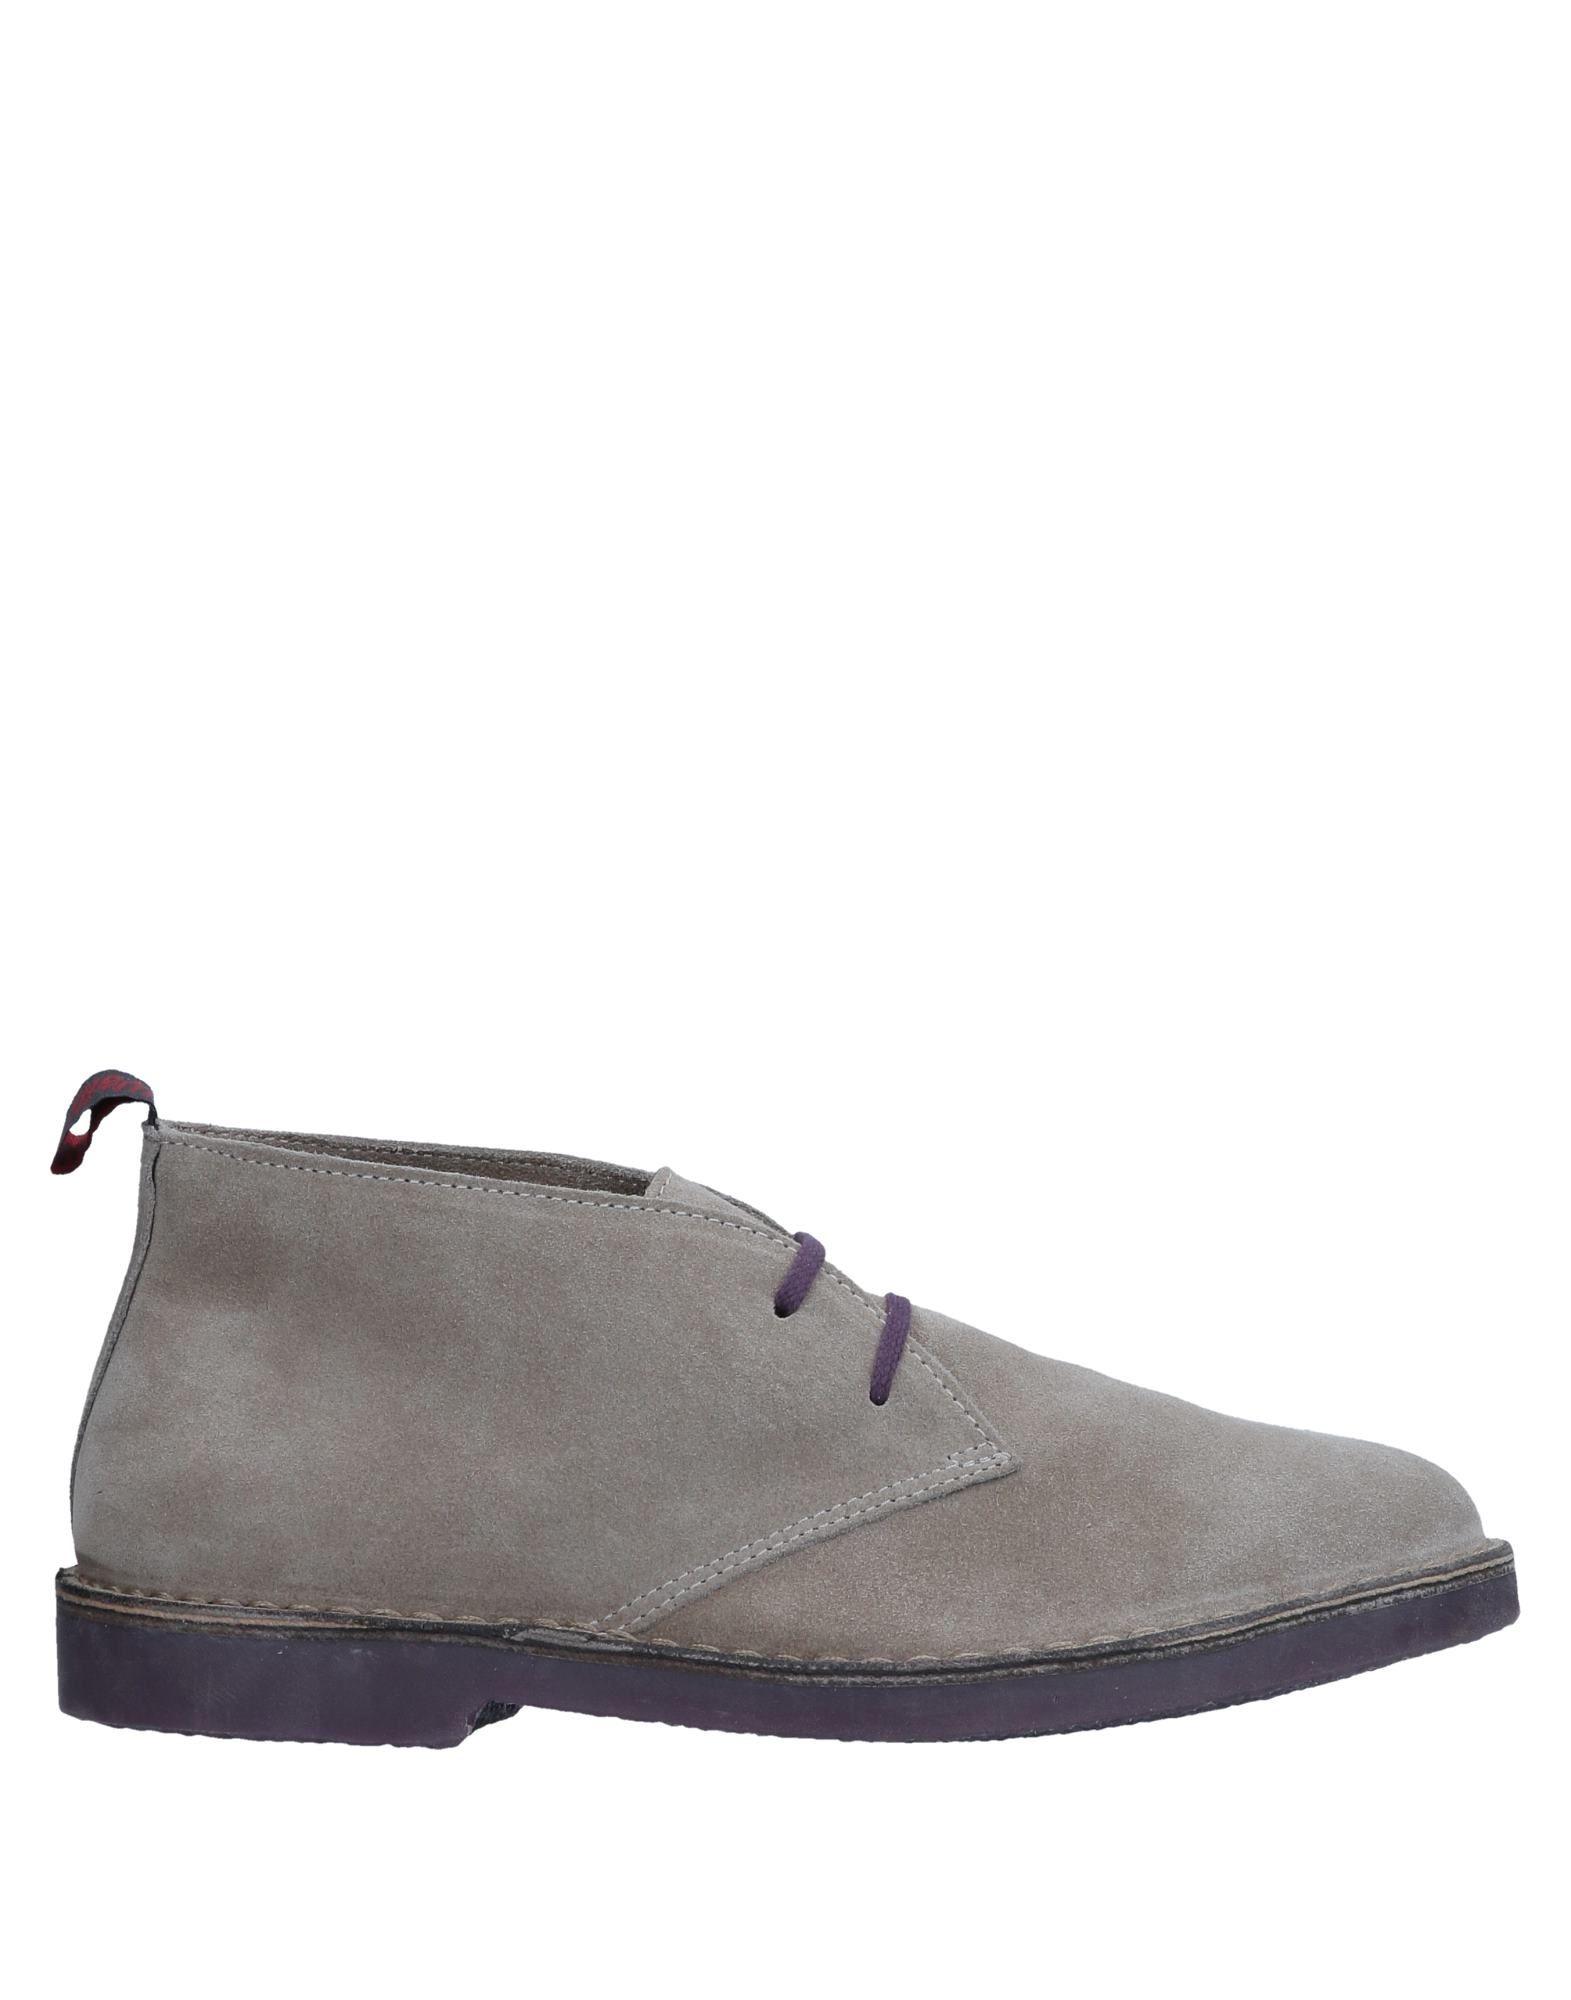 Wally Walker Boots - Men Wally Walker Boots online on 11545874EB  United Kingdom - 11545874EB on 06e00e